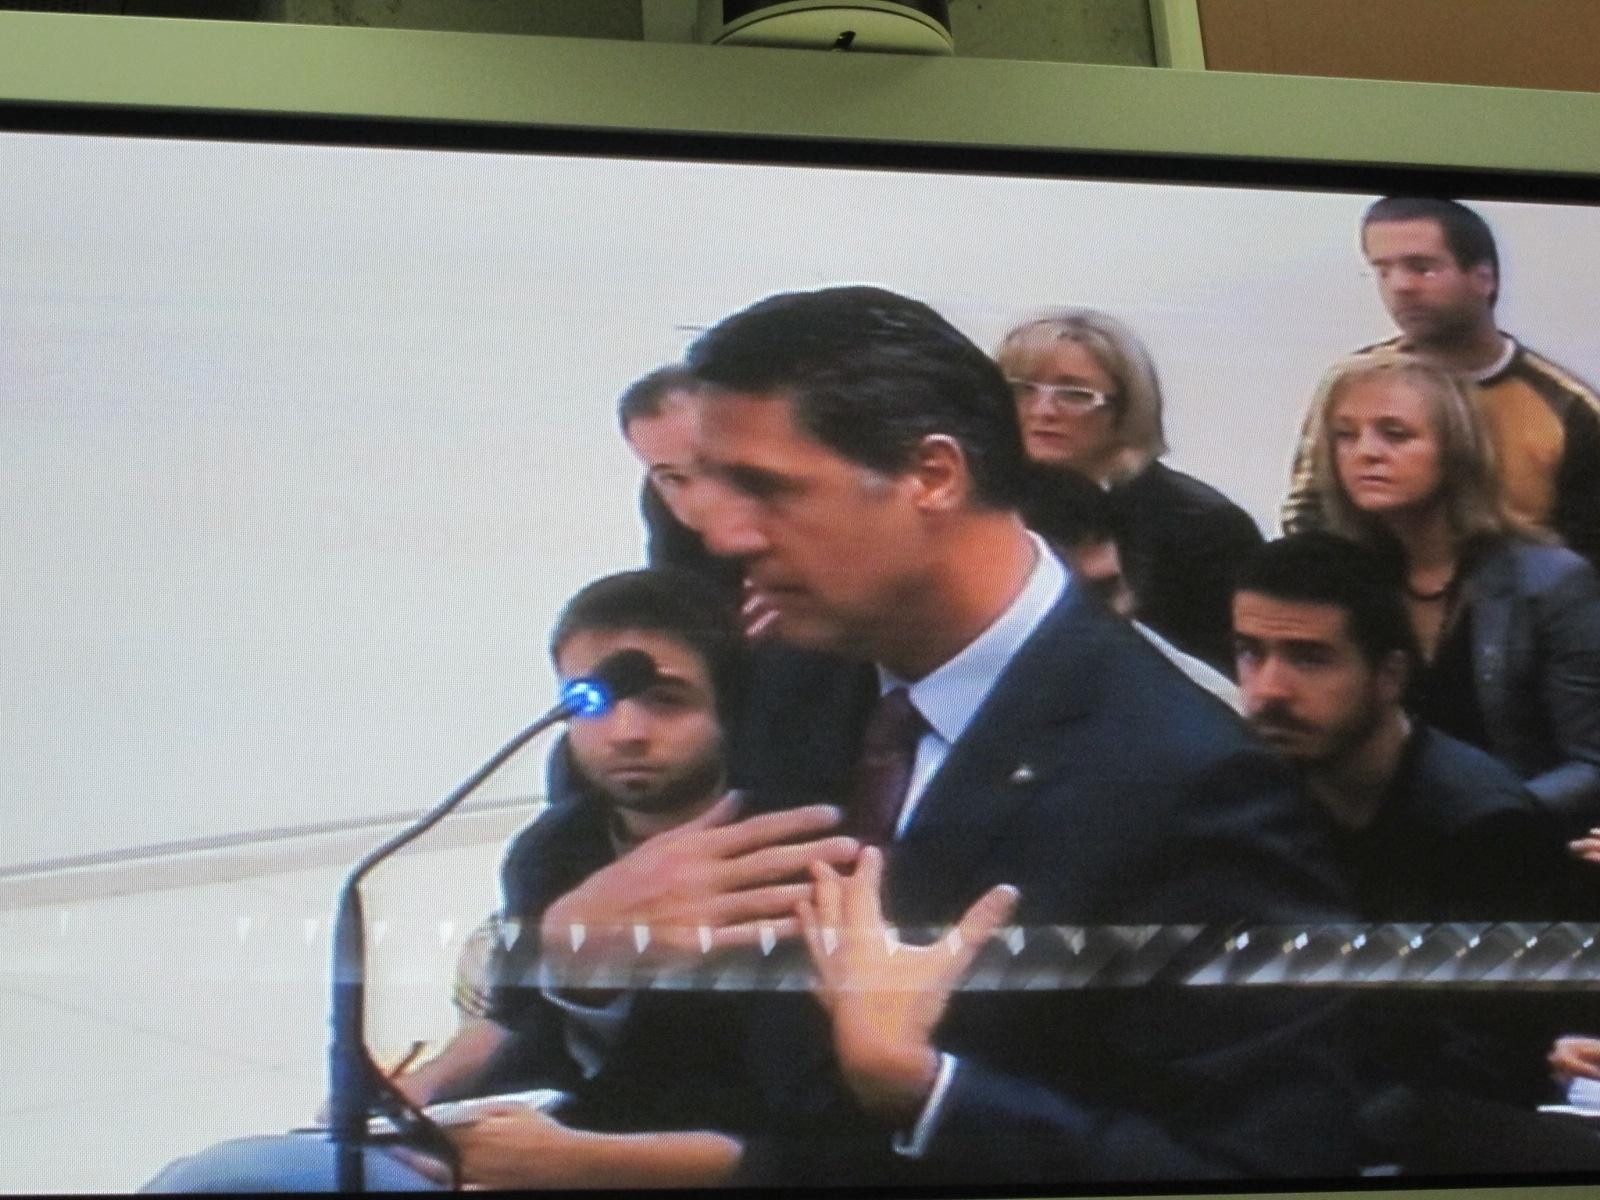 Alcalde de Badalona (Barcelona) admite frases «inadecuadas» sobre gitanos rumanos pero asegura que causan problemas